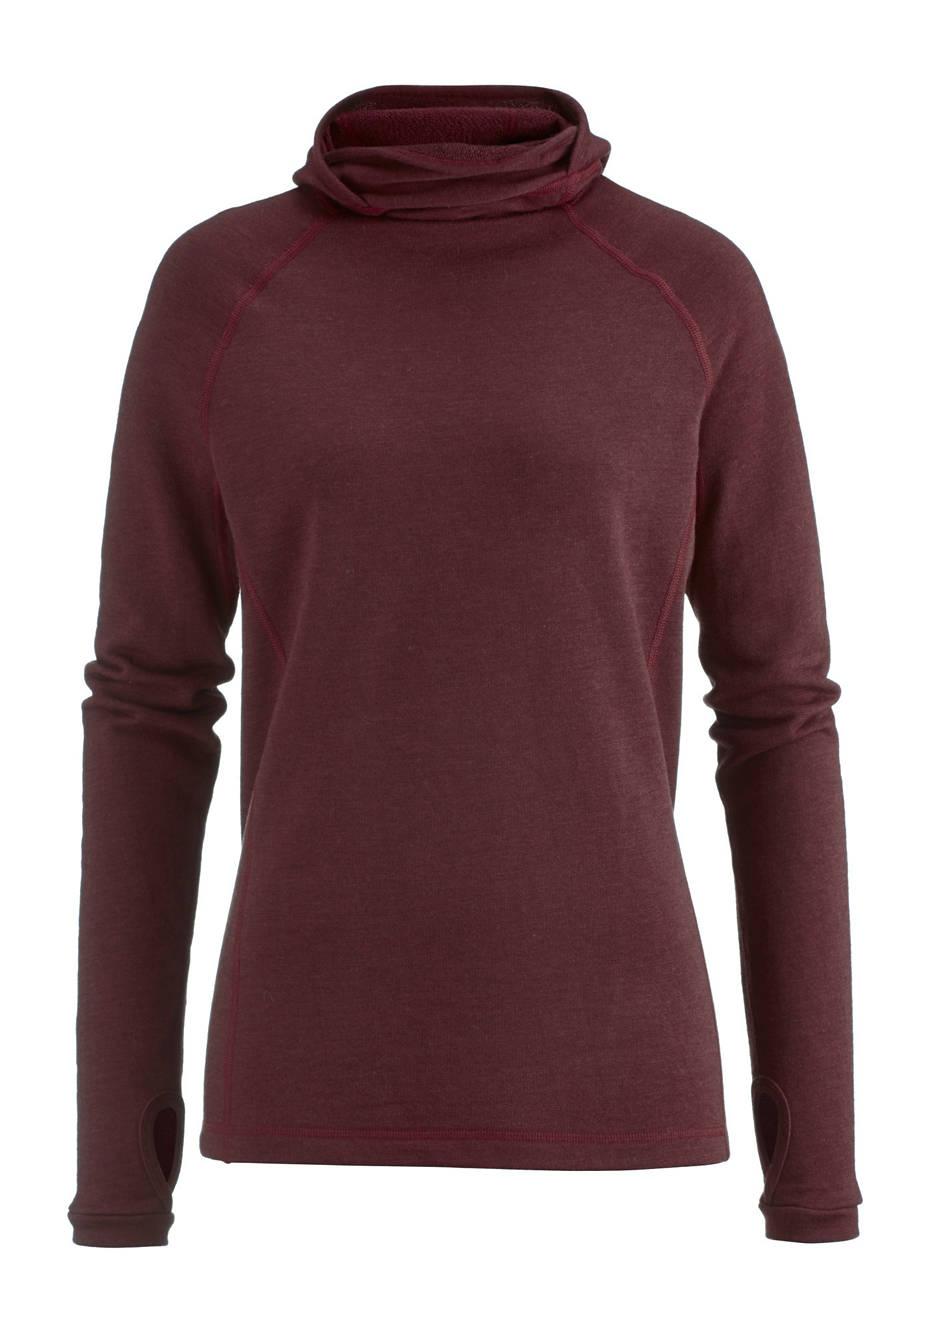 Sweatshirt aus reiner Bio-Schurwolle